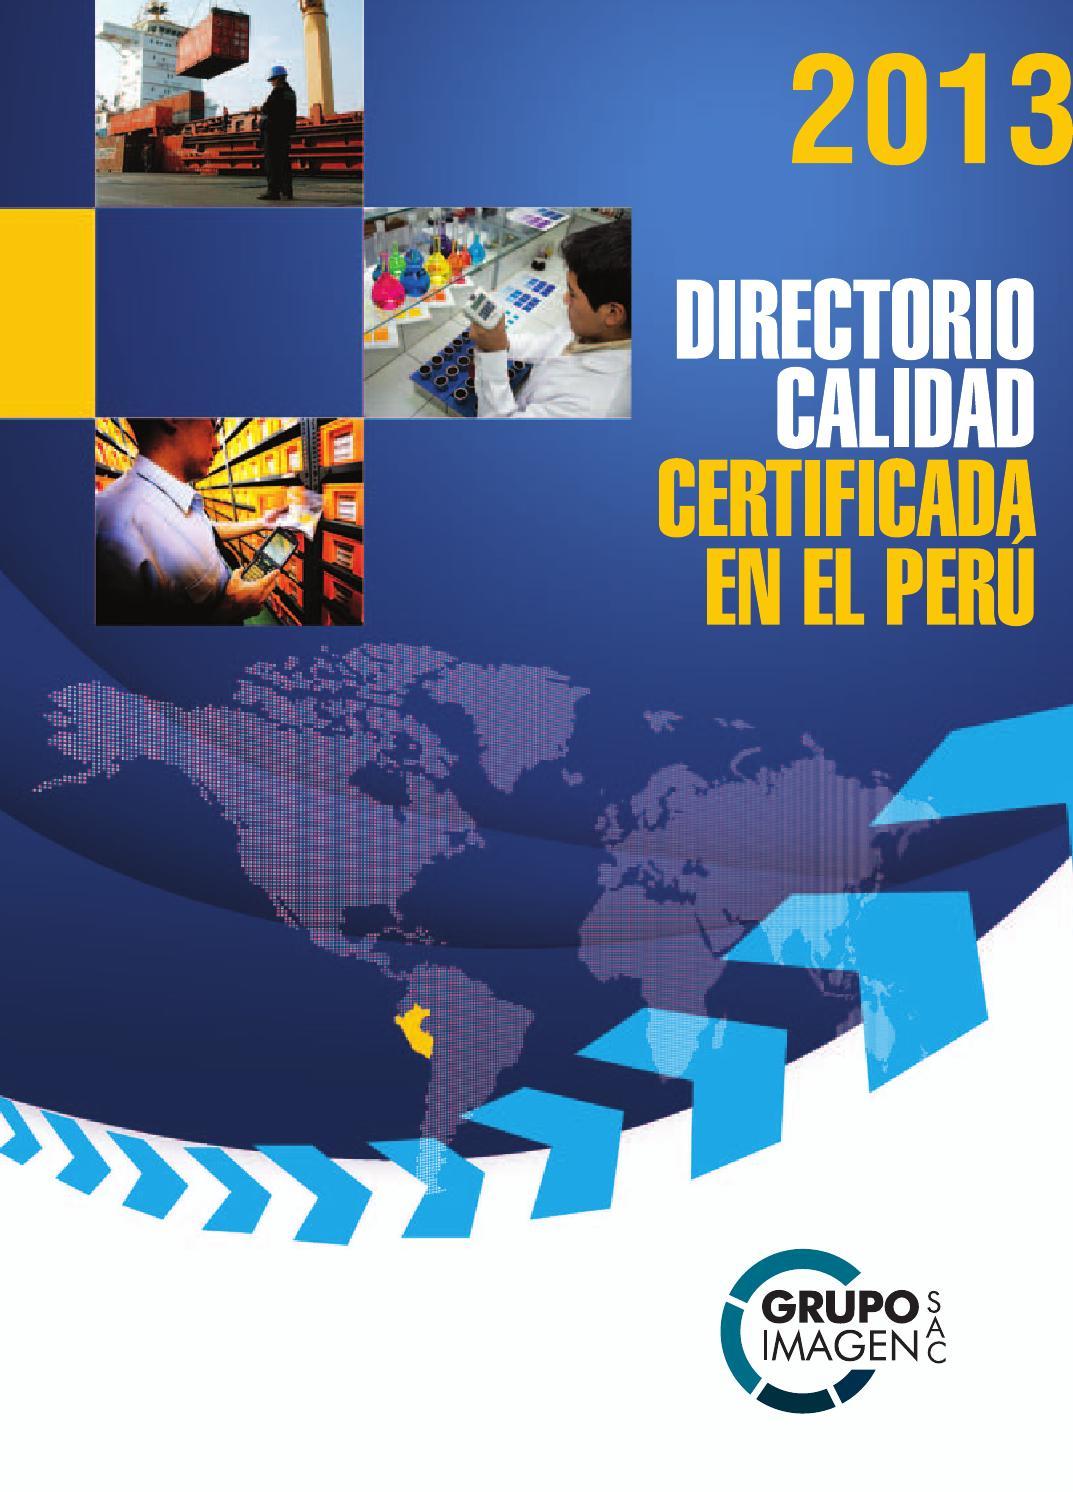 Directorio calidad certificada en el per 2013 by grupo for Lindley trabajo